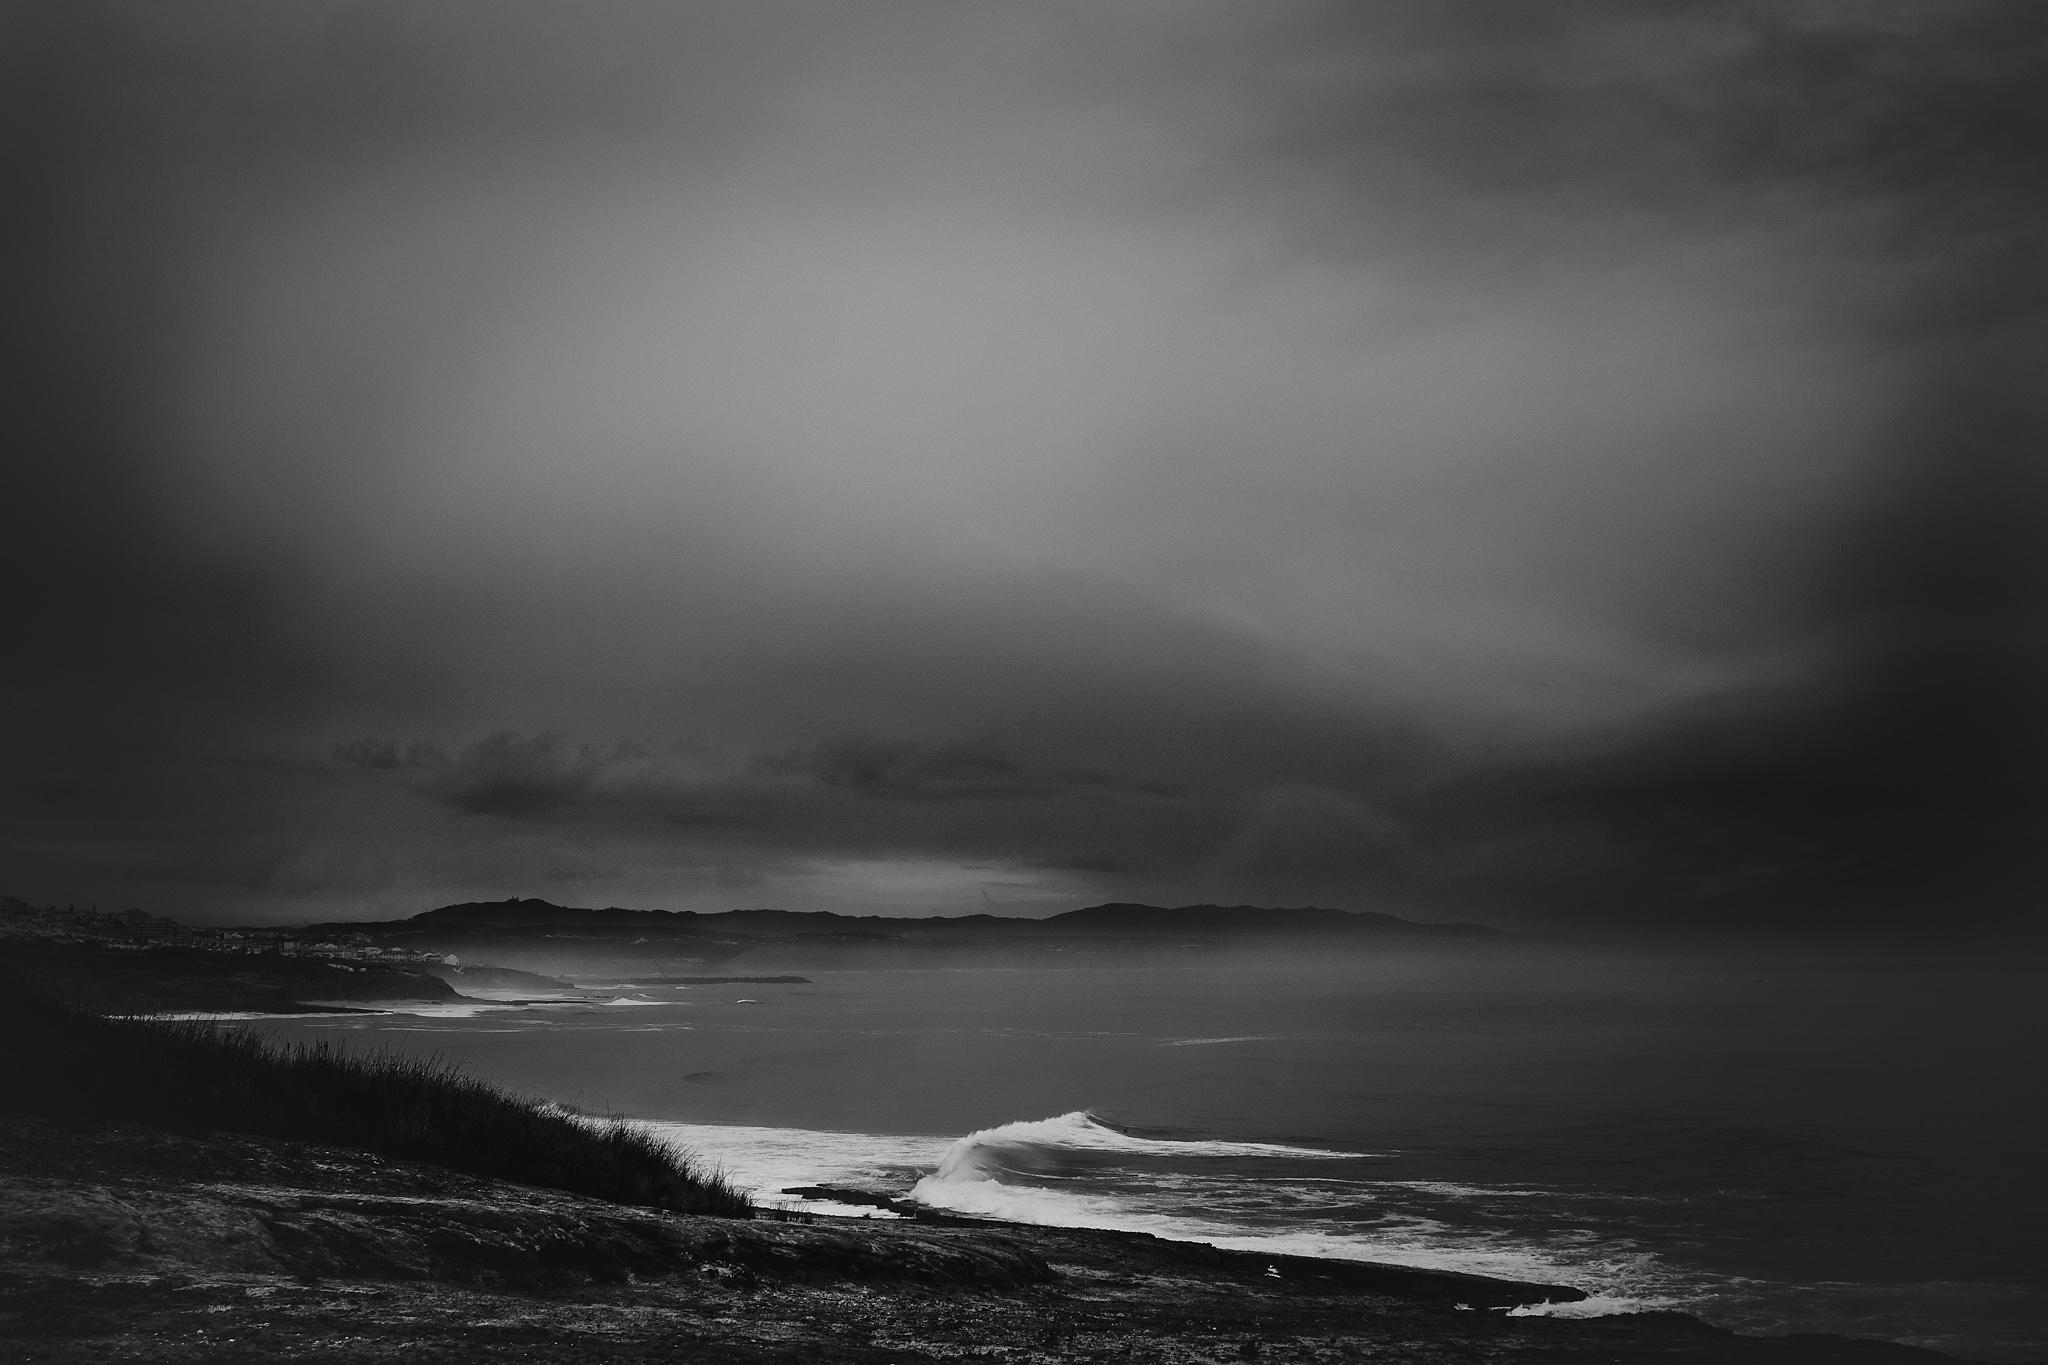 Sea. Portugal, 2015 - zepedroalvarez | ello